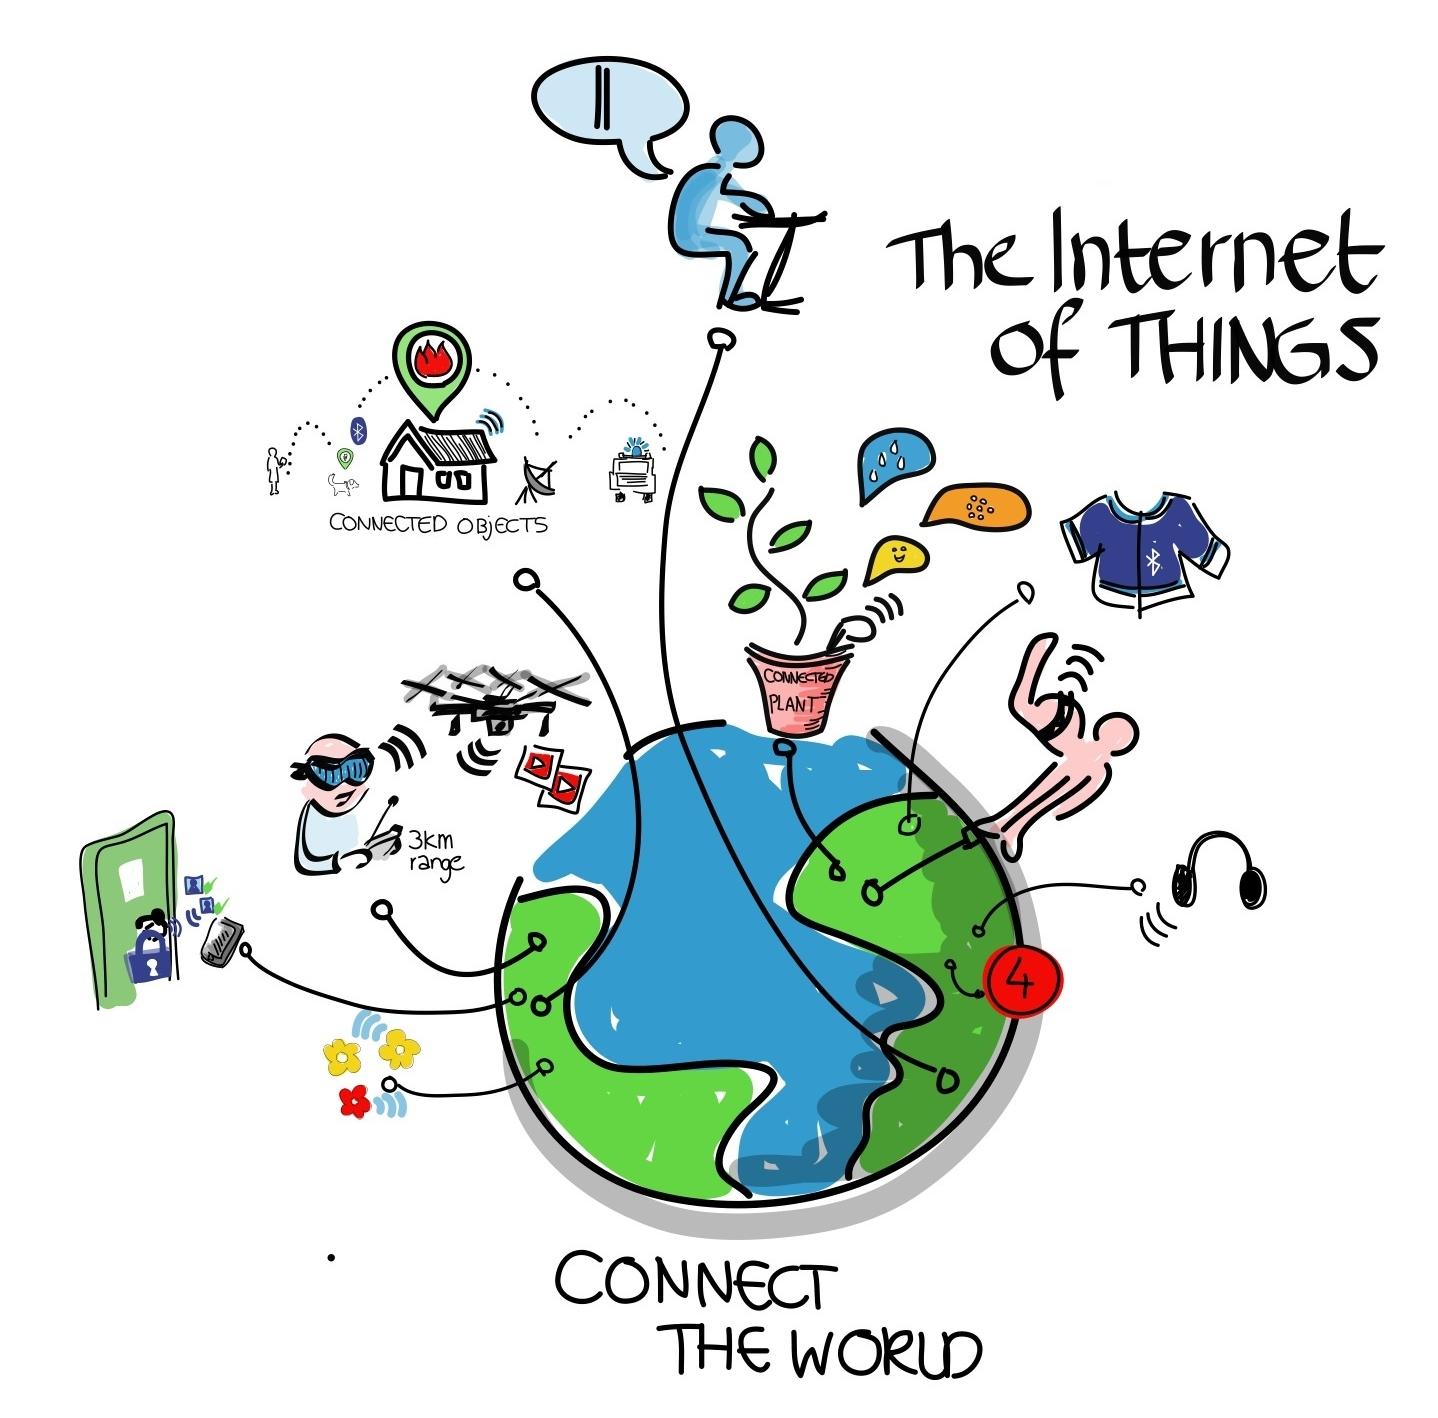 火紅的名詞物聯網到底是什麼?物聯網的歷史回顧